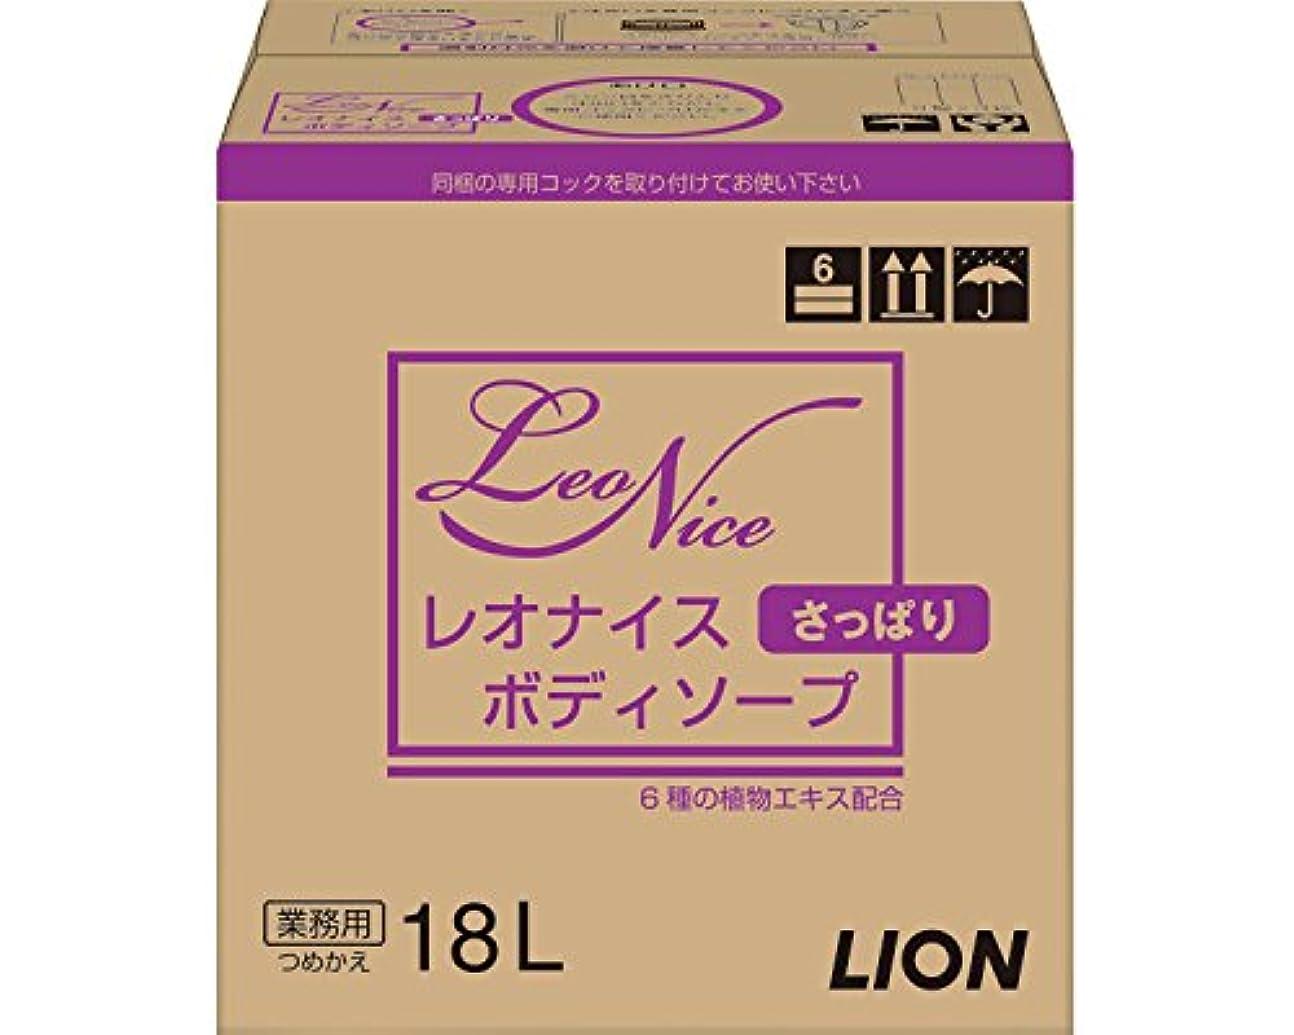 信号バン亜熱帯レオナイスさっぱりボディソープ 18L (ライオンハイジーン) (清拭小物)